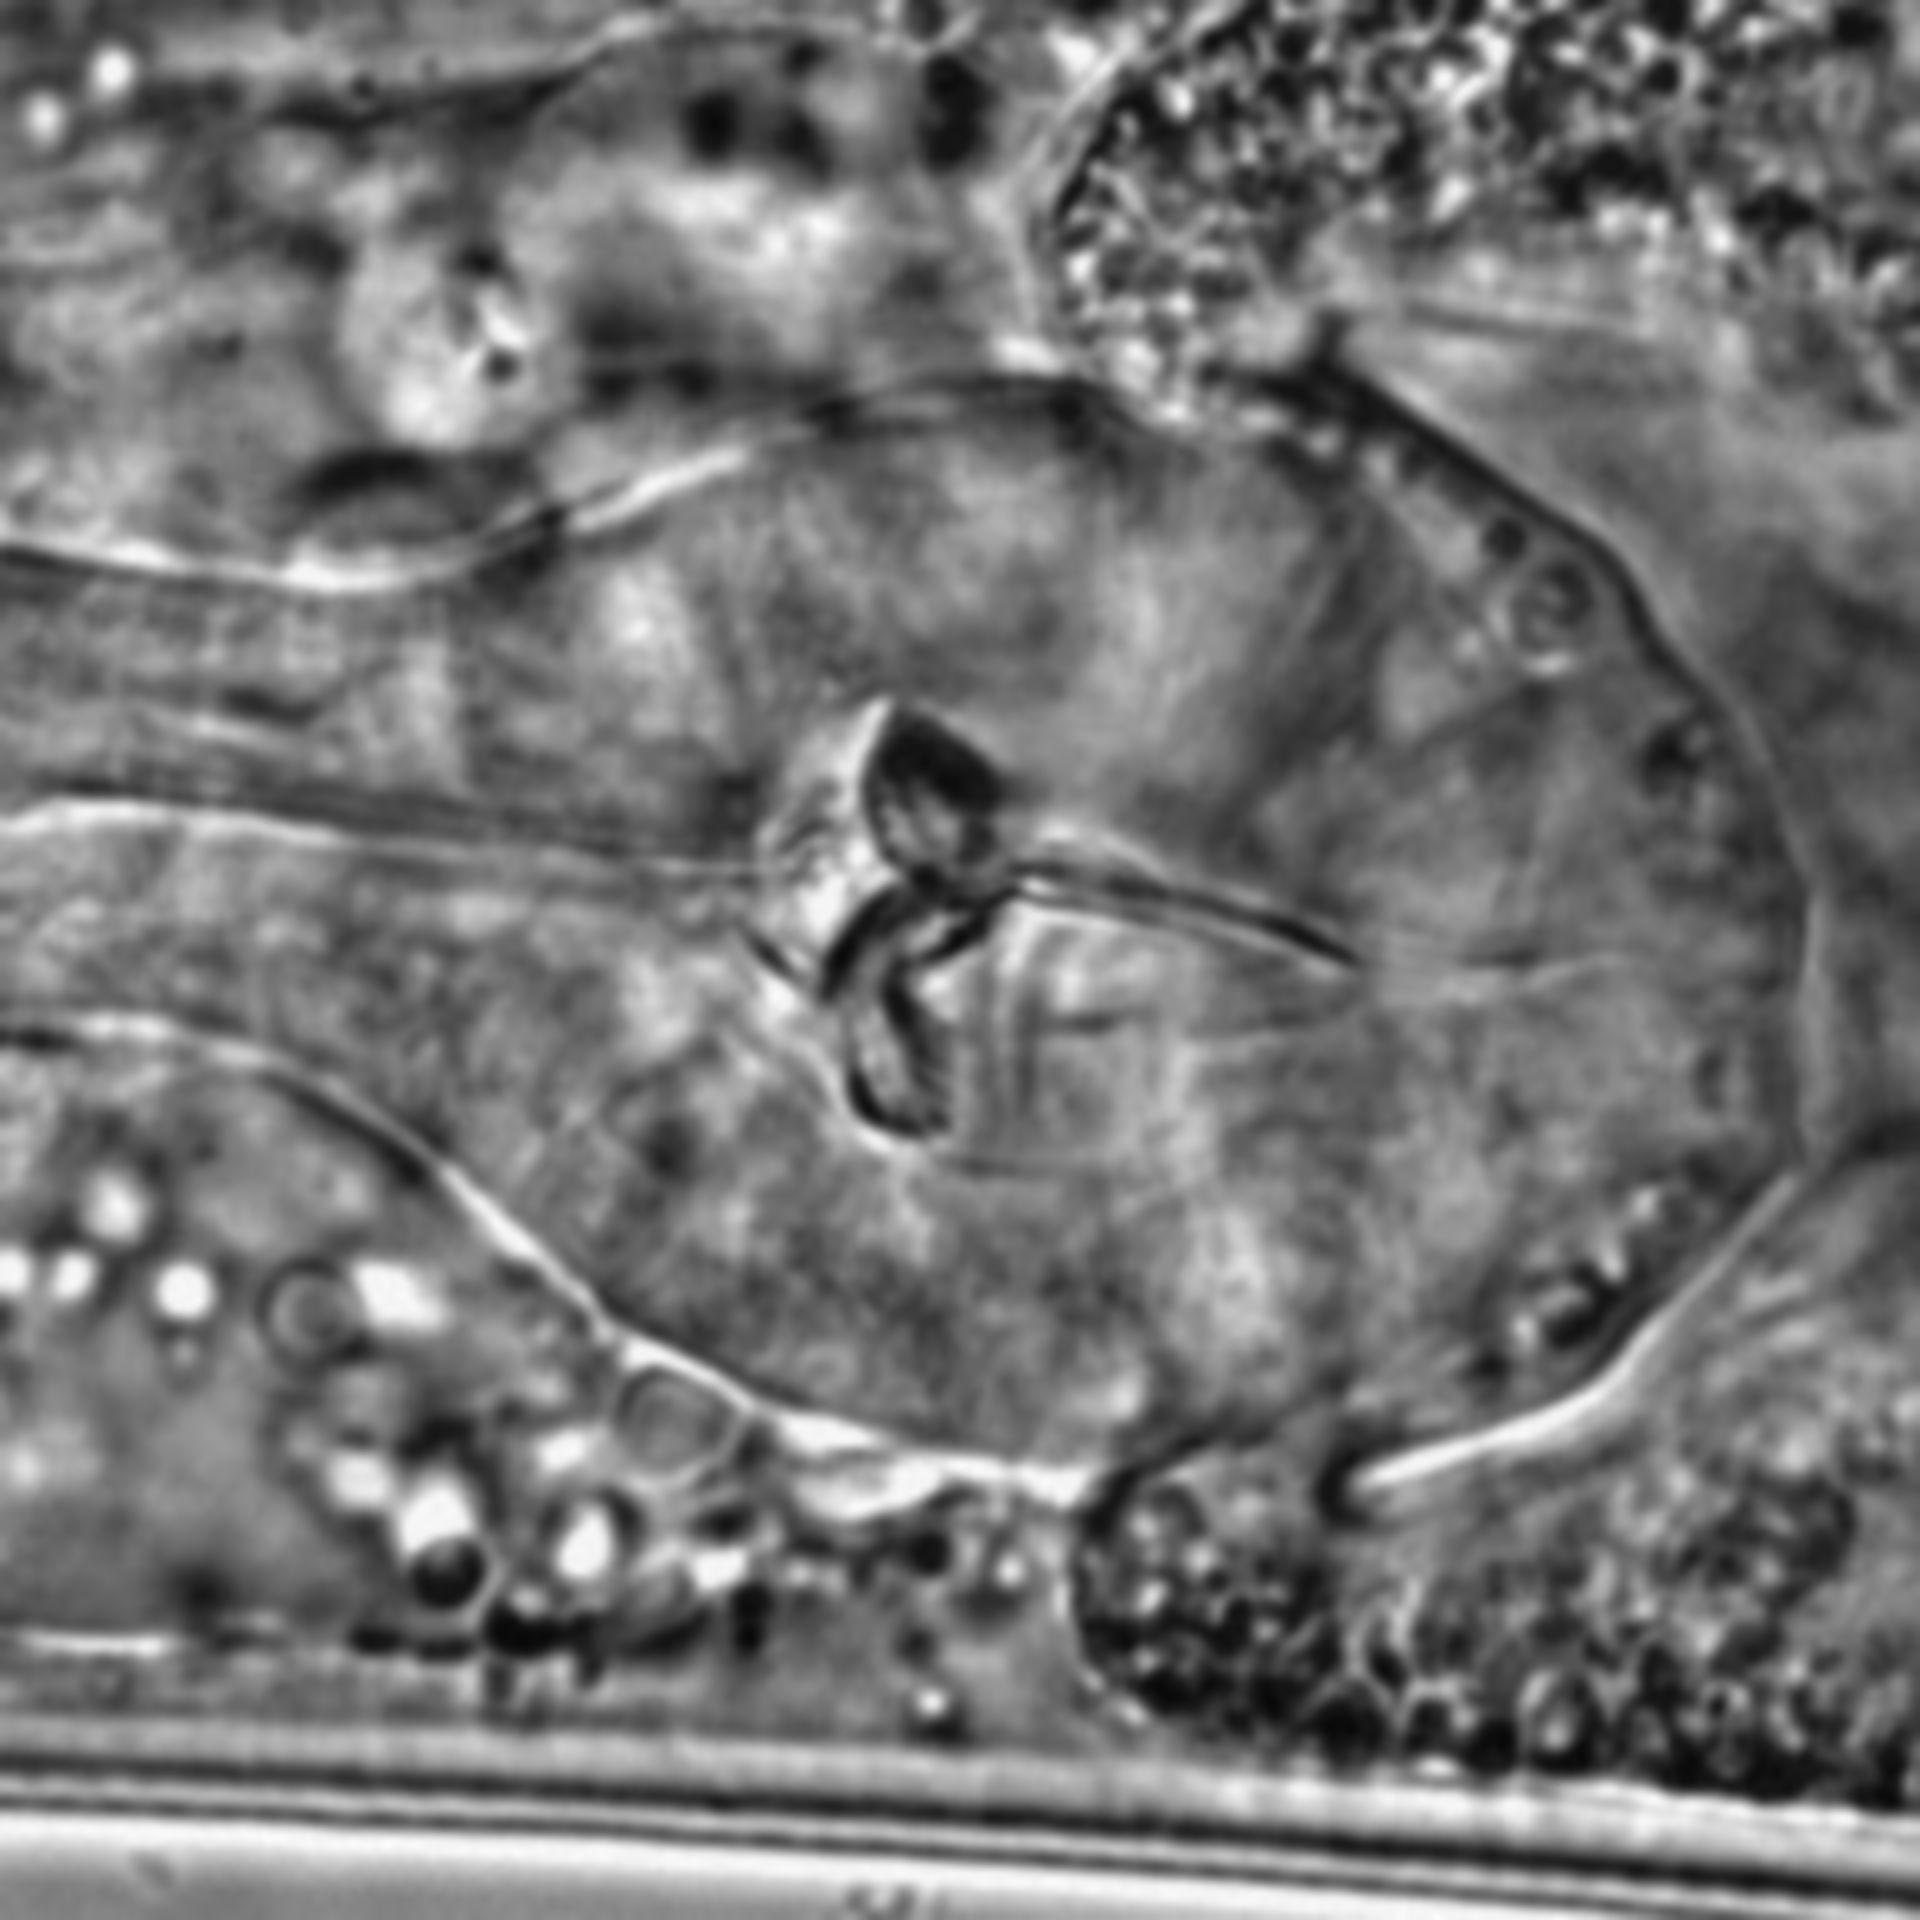 Caenorhabditis elegans - CIL:1617